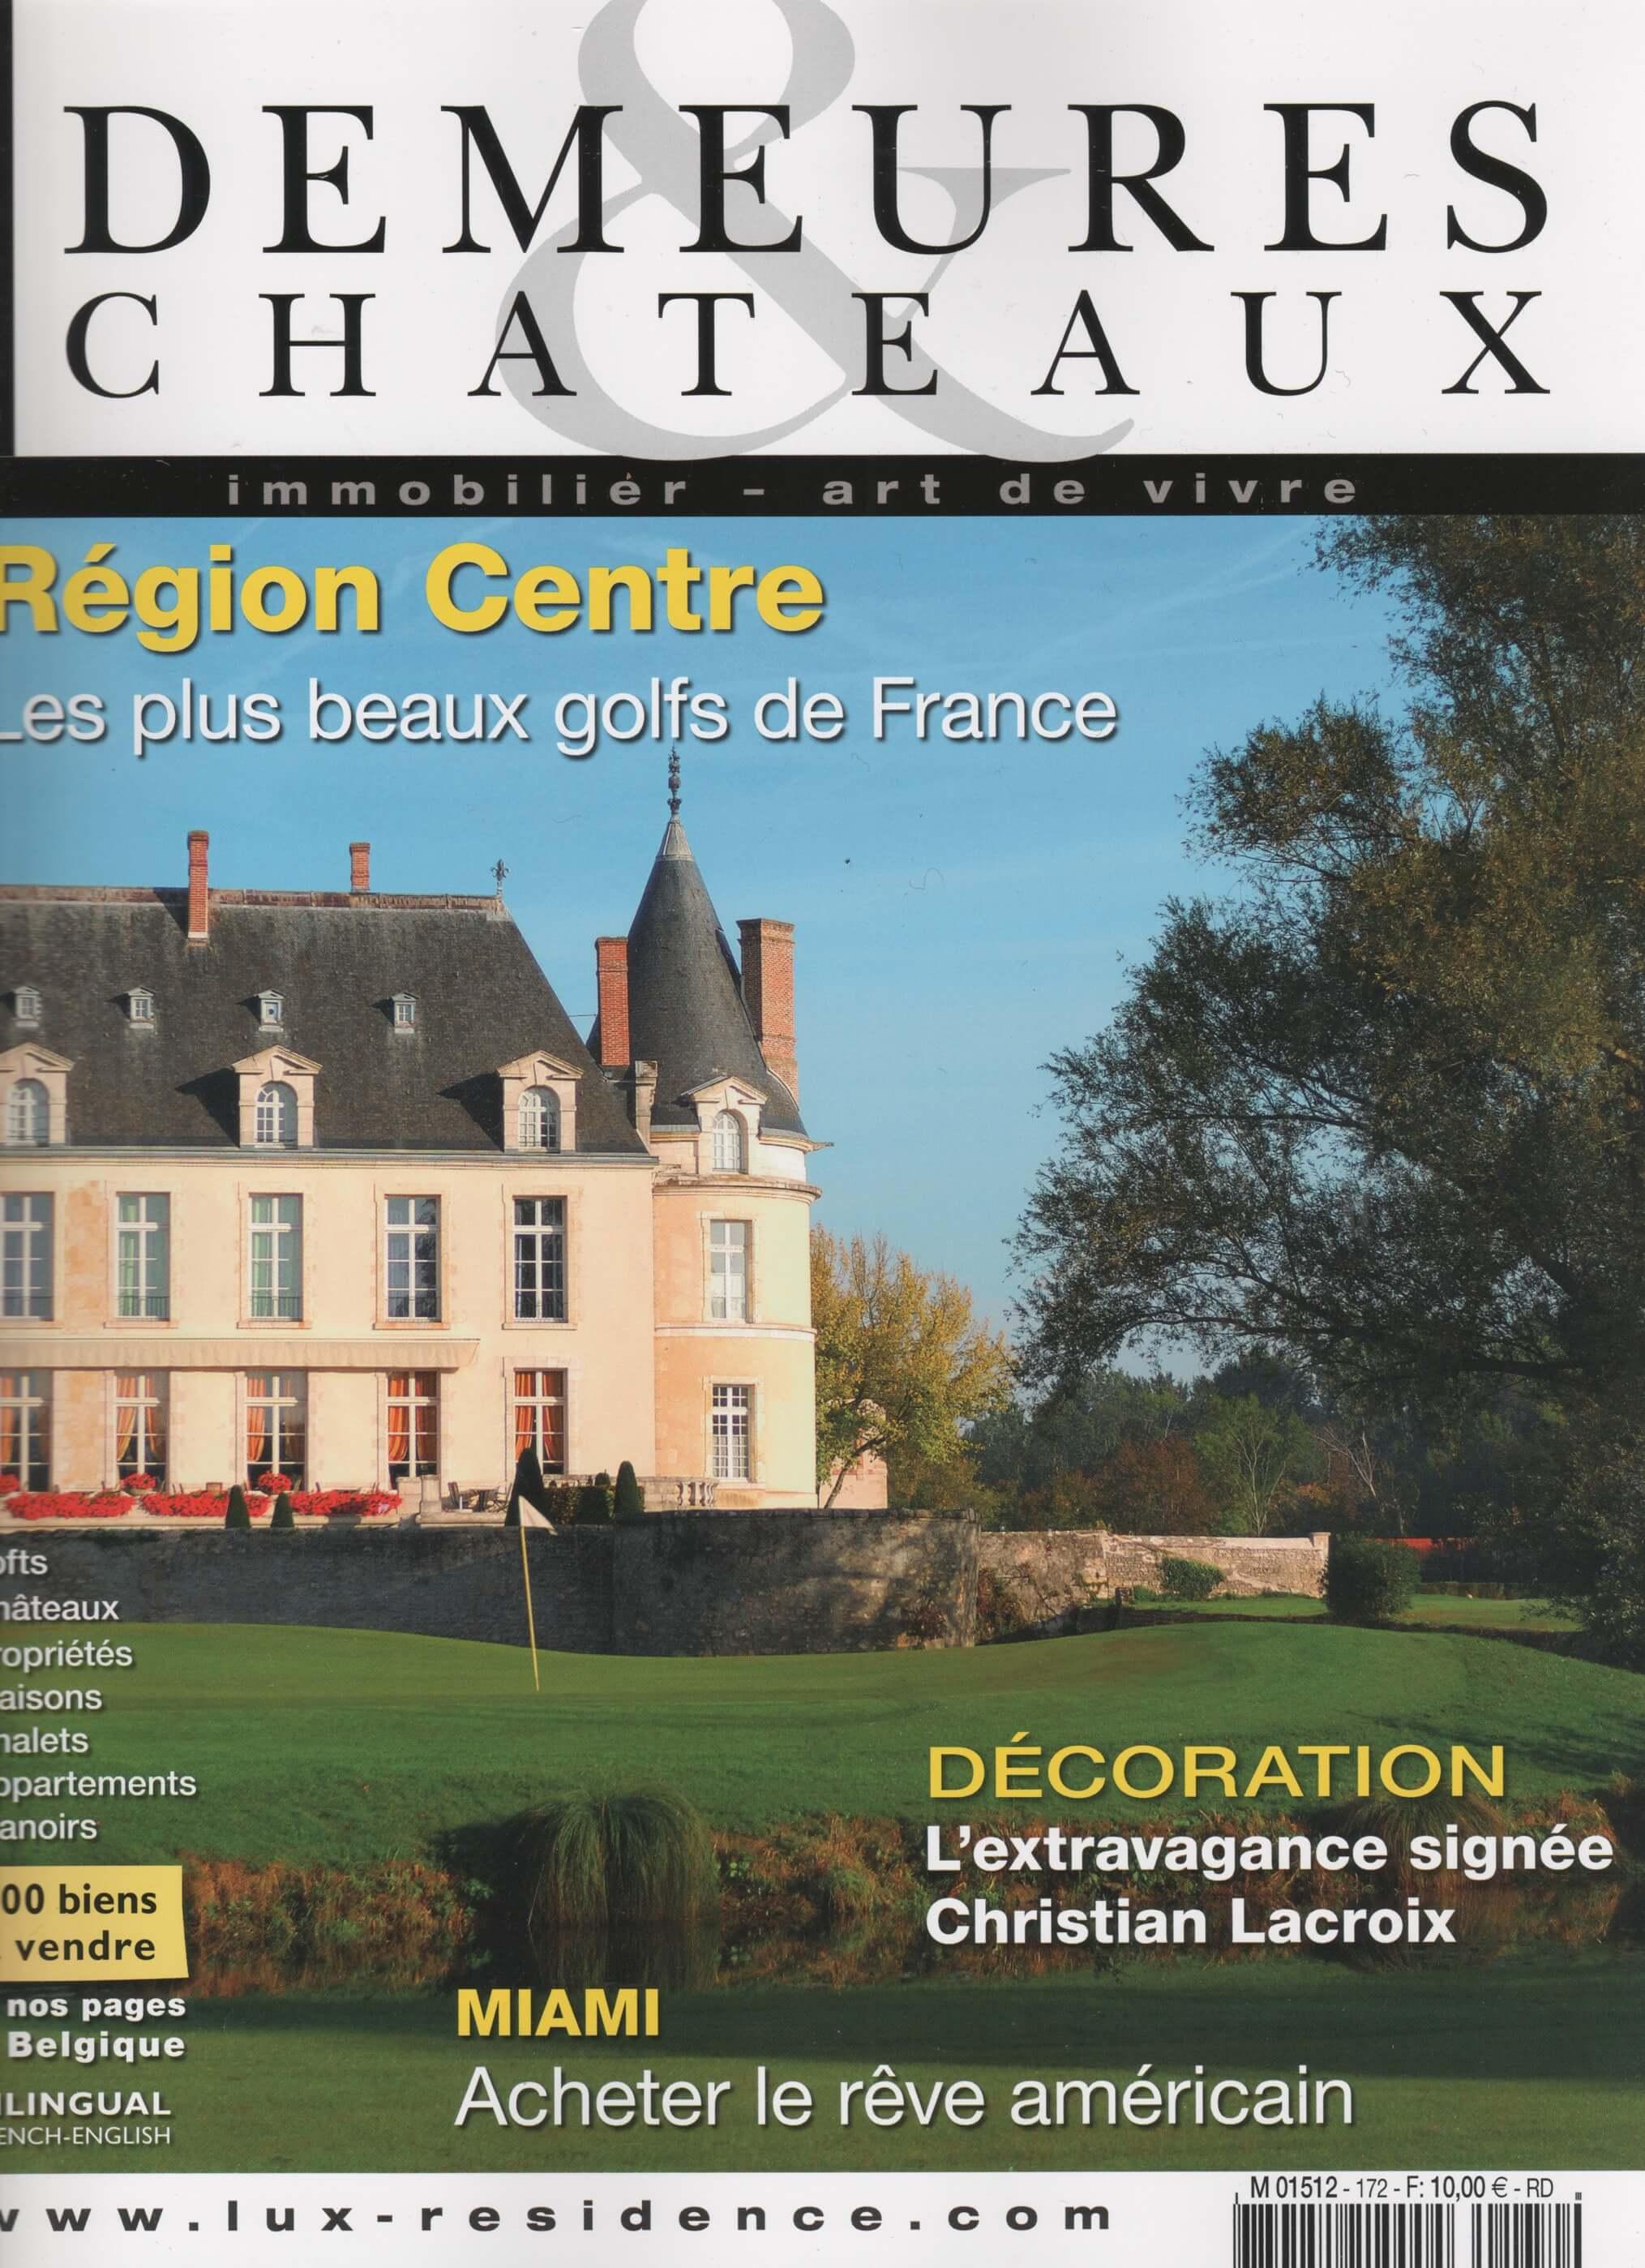 2007 Demeure & Chateaux - Novembre 2007 - Couve.jpg